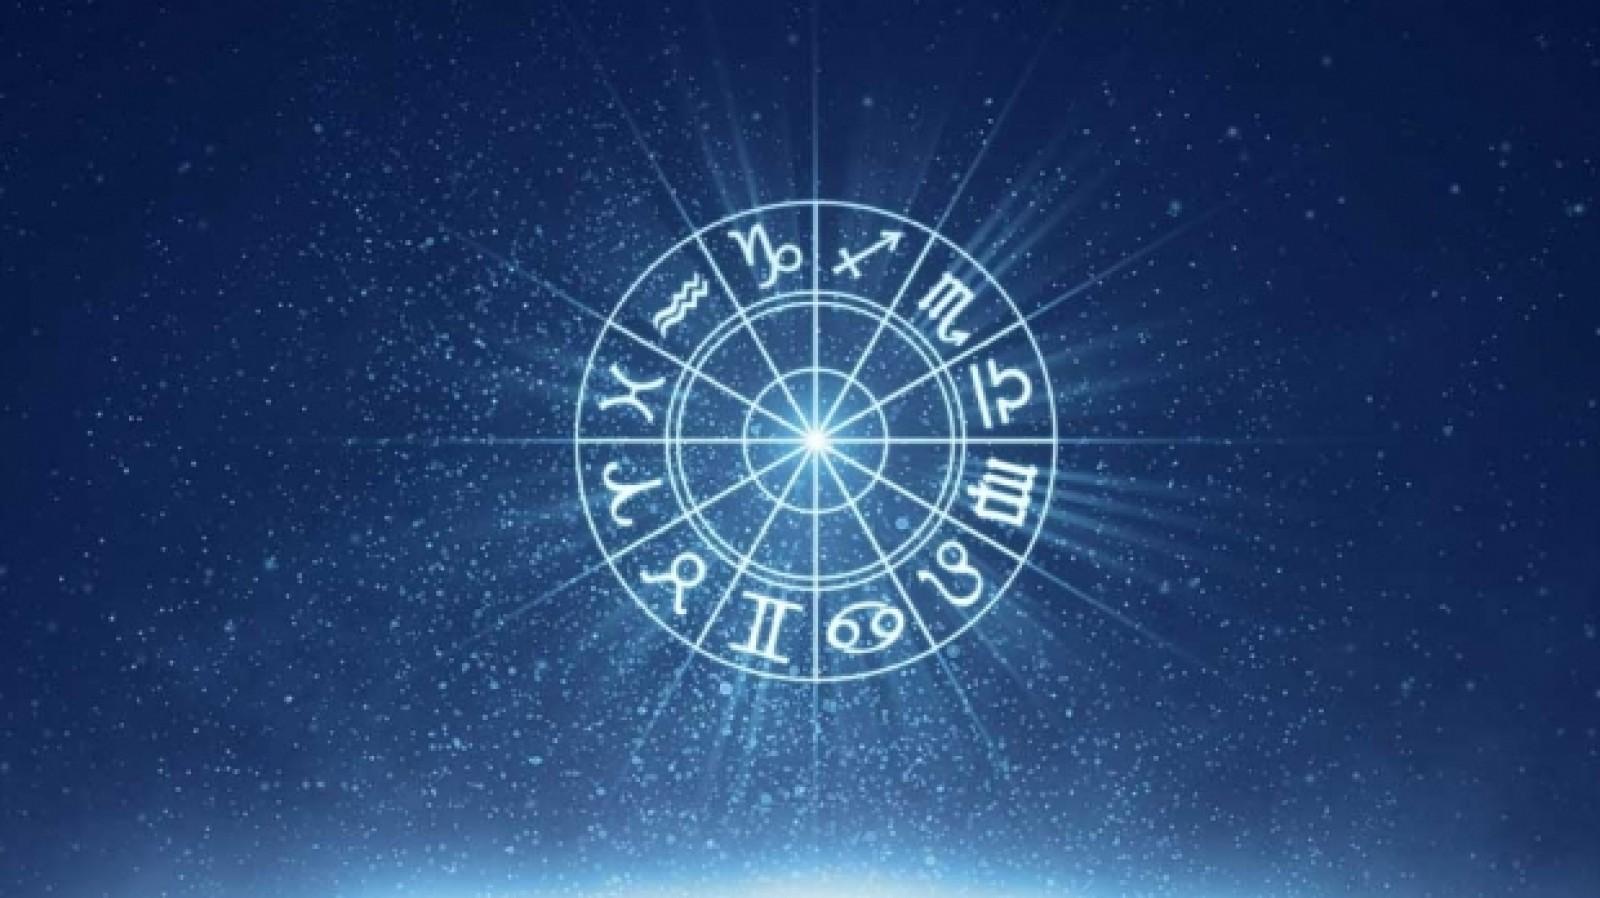 Horoscop 16 aprilie 2018: Noroc uriaş la bani, aventură riscantă şi reputaţie zdruncinată